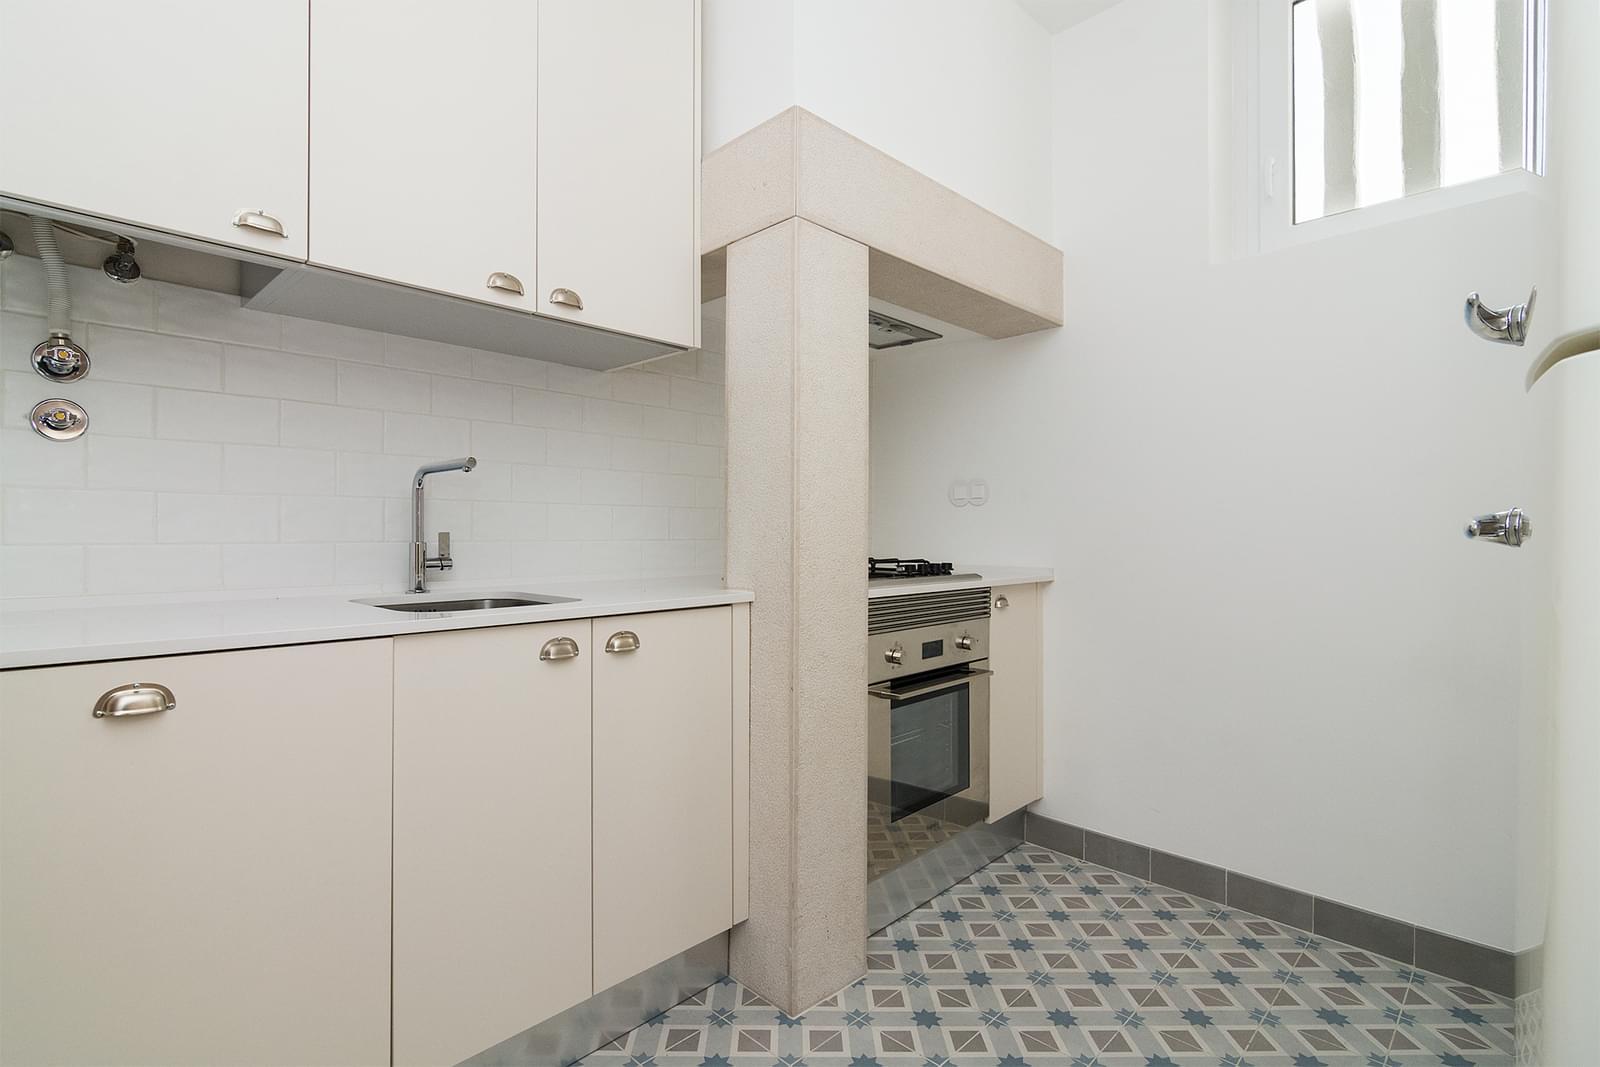 pf16908-apartamento-t2-lisboa-7b367e6a-254d-4560-902d-60934051cdc8